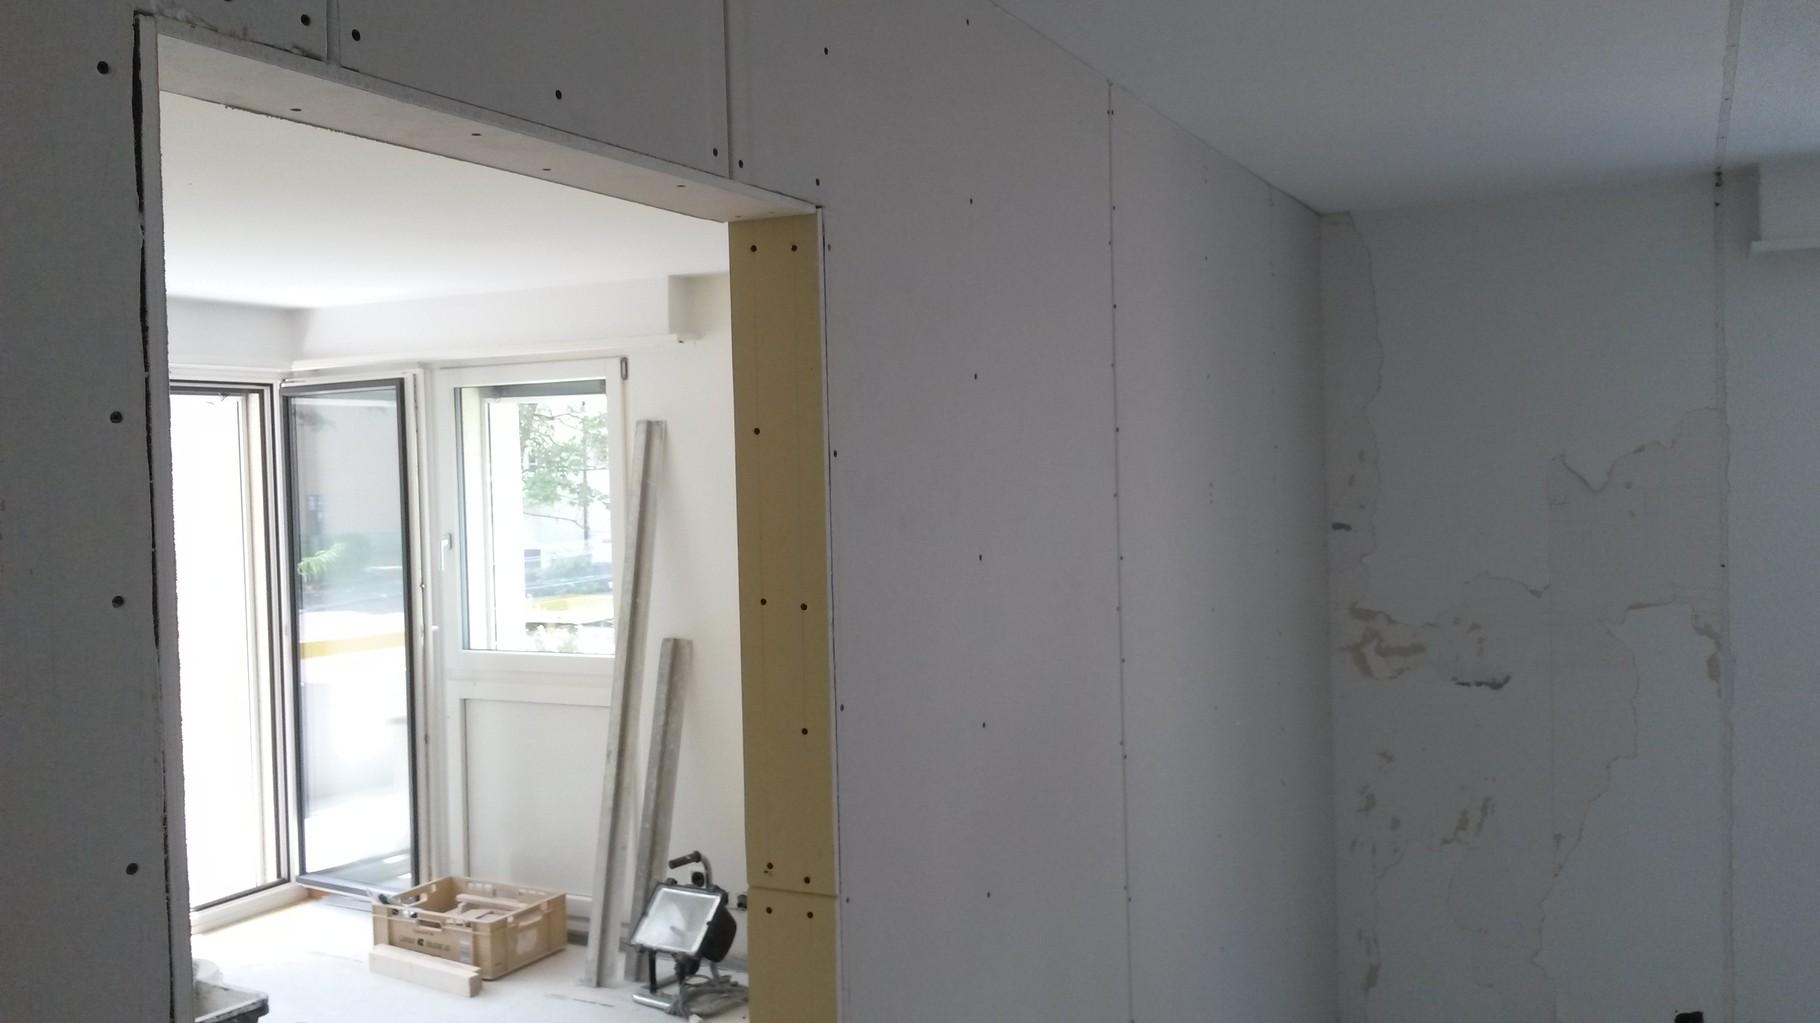 Leichtbautrennwand: Unterkonstruktion Mit Metallprofilen